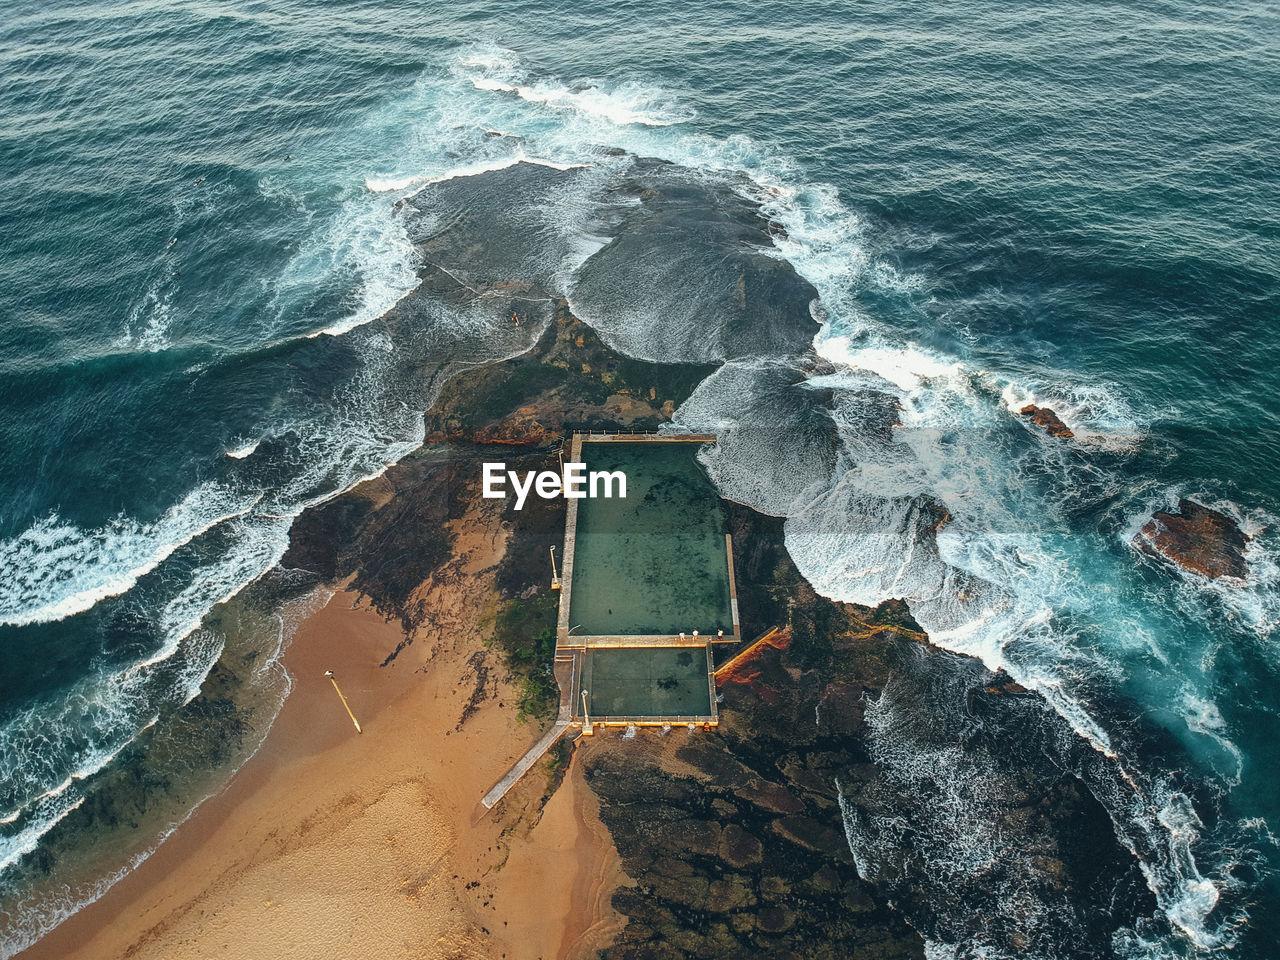 Aerial view of waves breaking on rocks